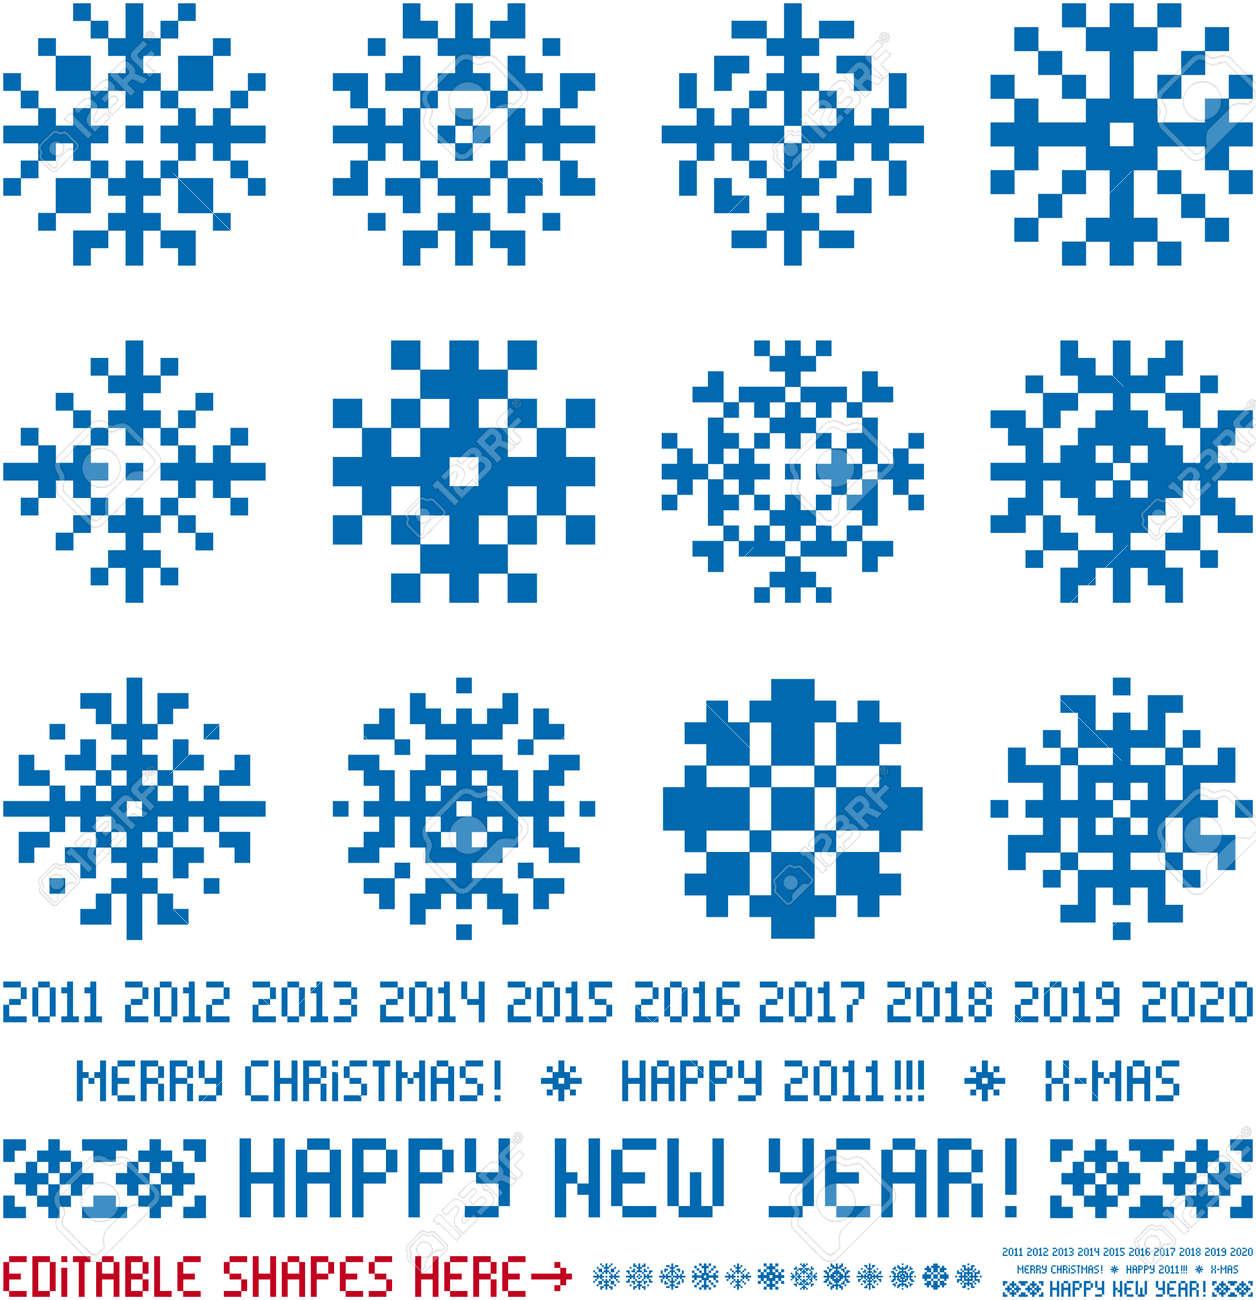 Schneeflocken Im Pixel-Stil. Weihnachten Und Neujahr Grüße 2011-2020 ...